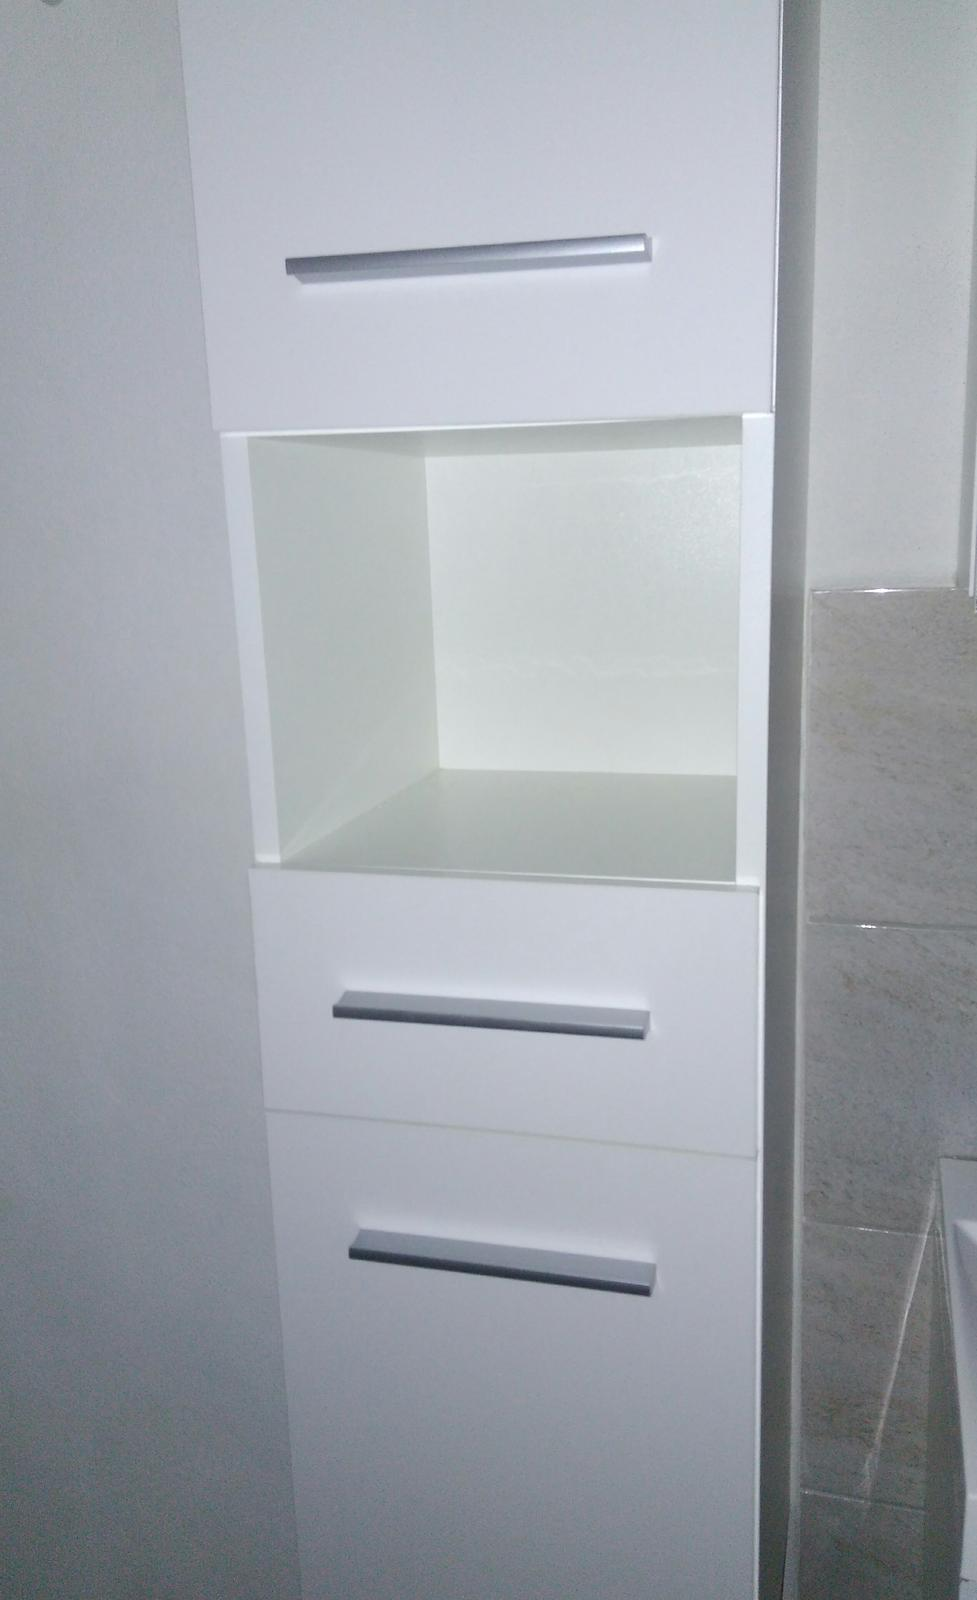 Nábytok do kúpelne - Obrázok č. 1